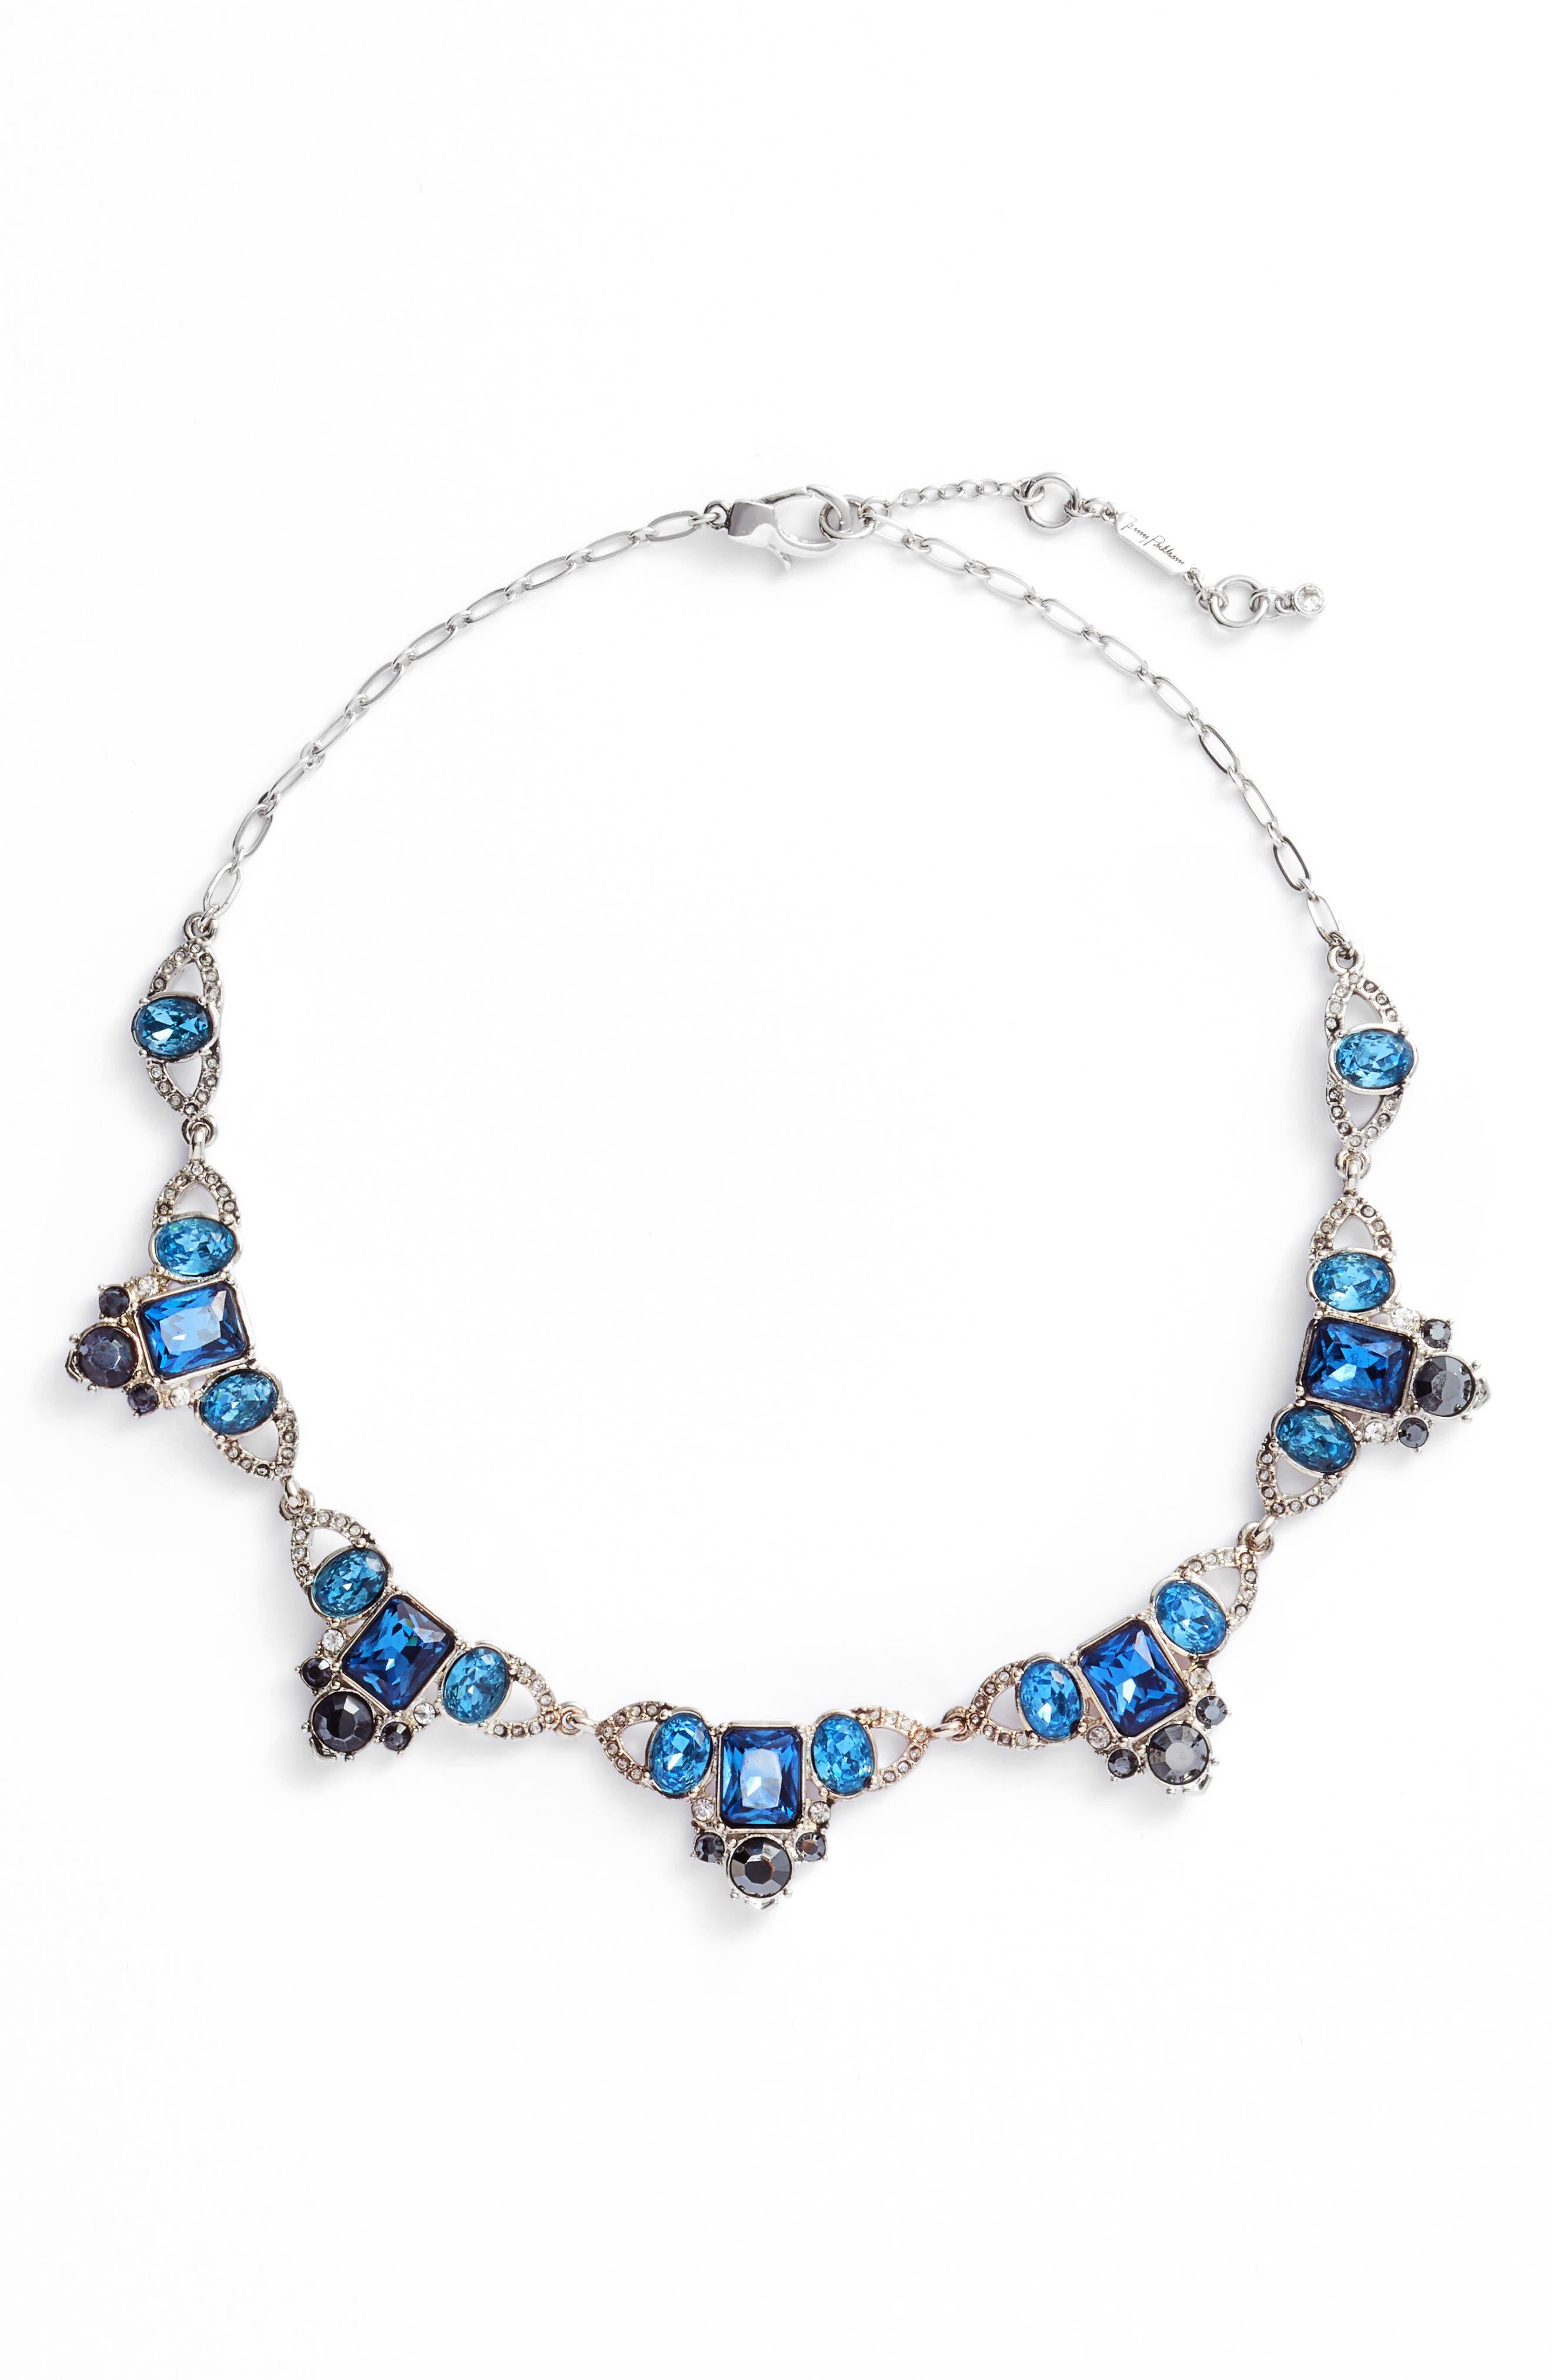 Main Image - Jenny Packham Collar Necklace